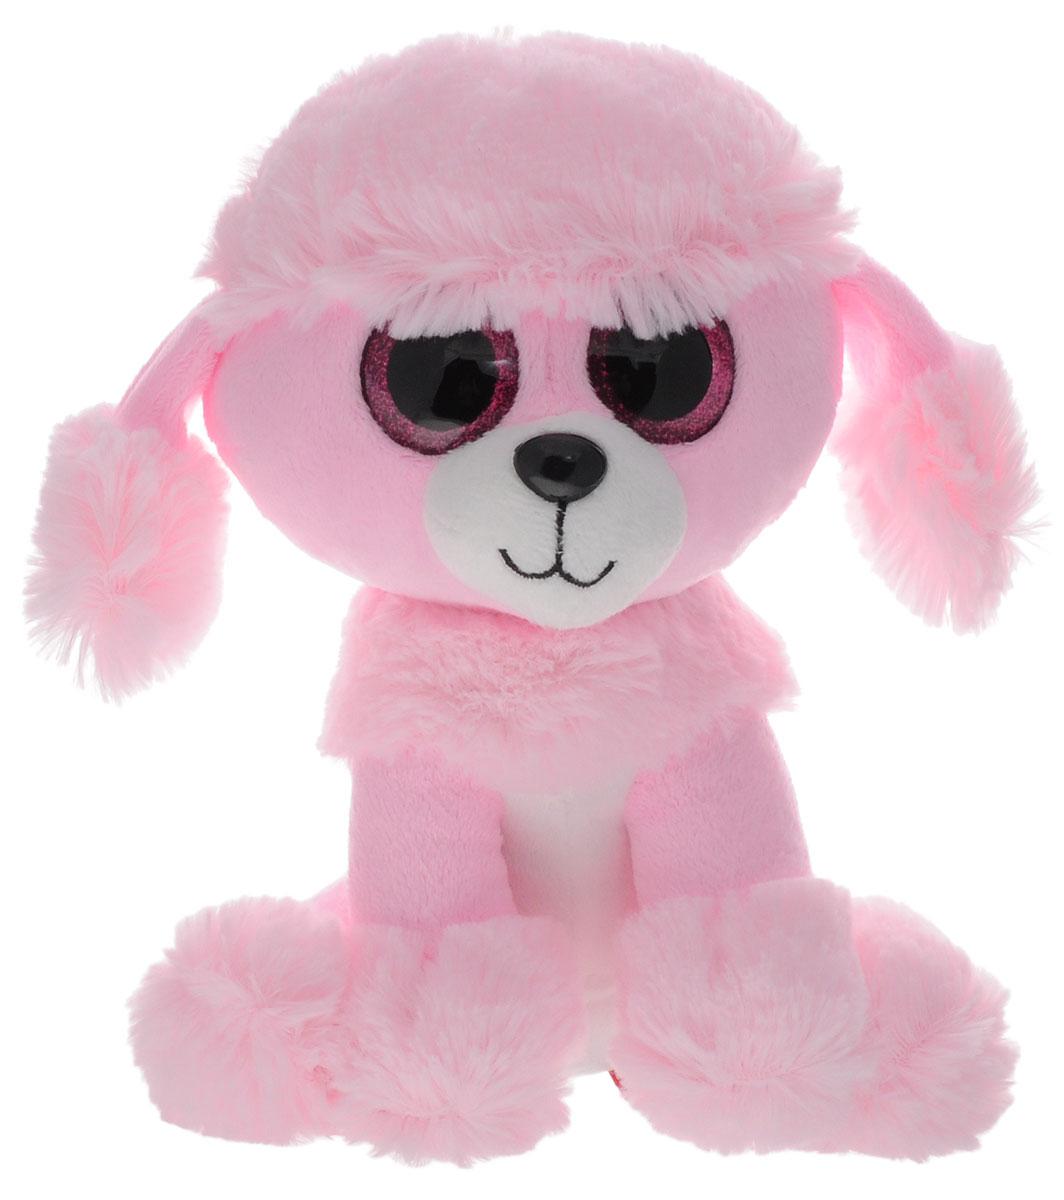 Fancy Мягкая игрушка Пудель Глазастик 22 см fancy мягкая игрушка собака эля 14 5 см